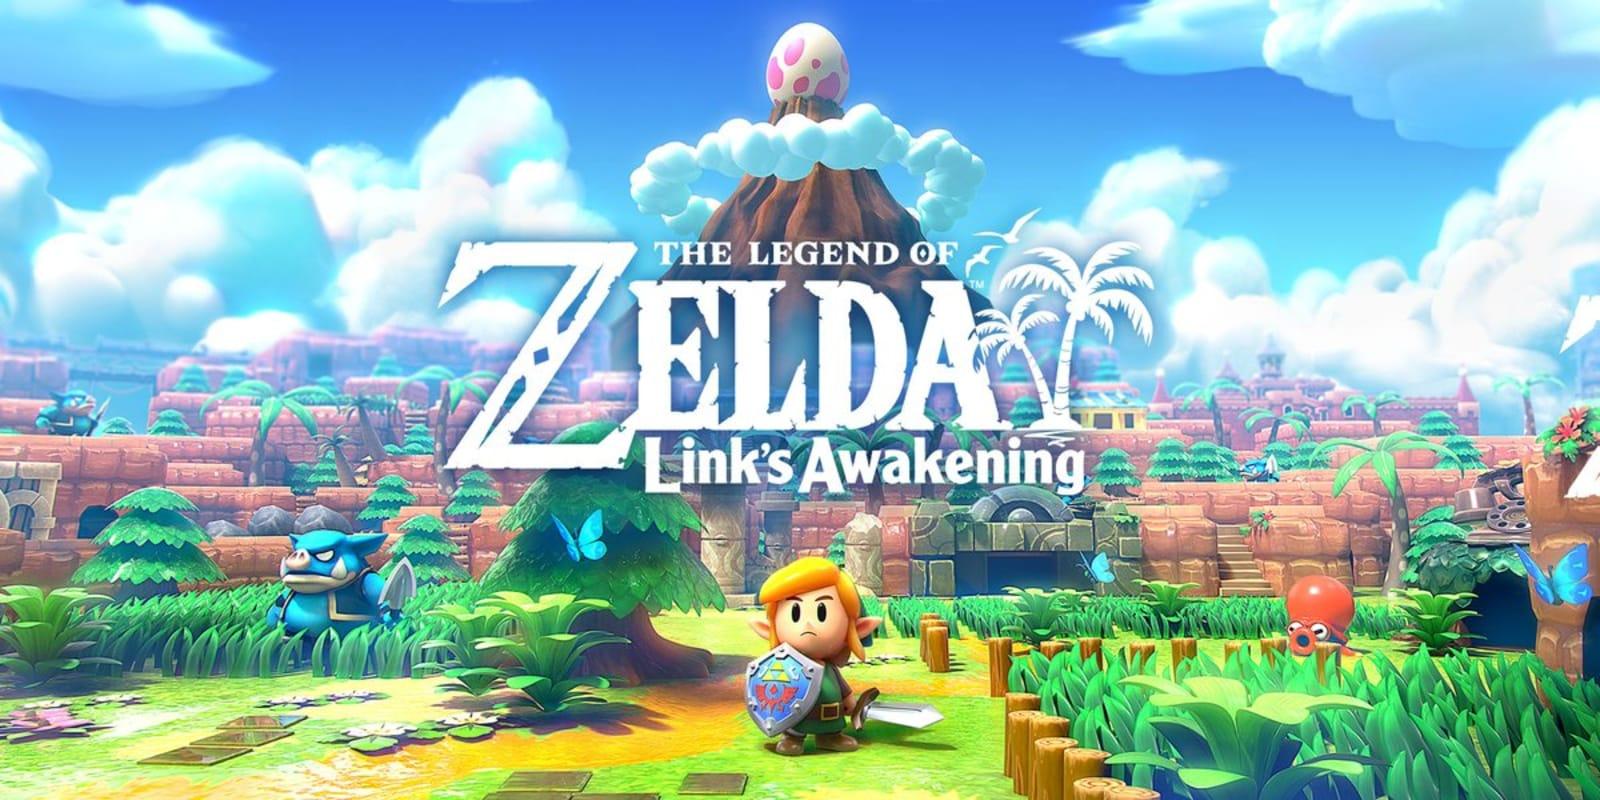 Image result for link's awakening cover art